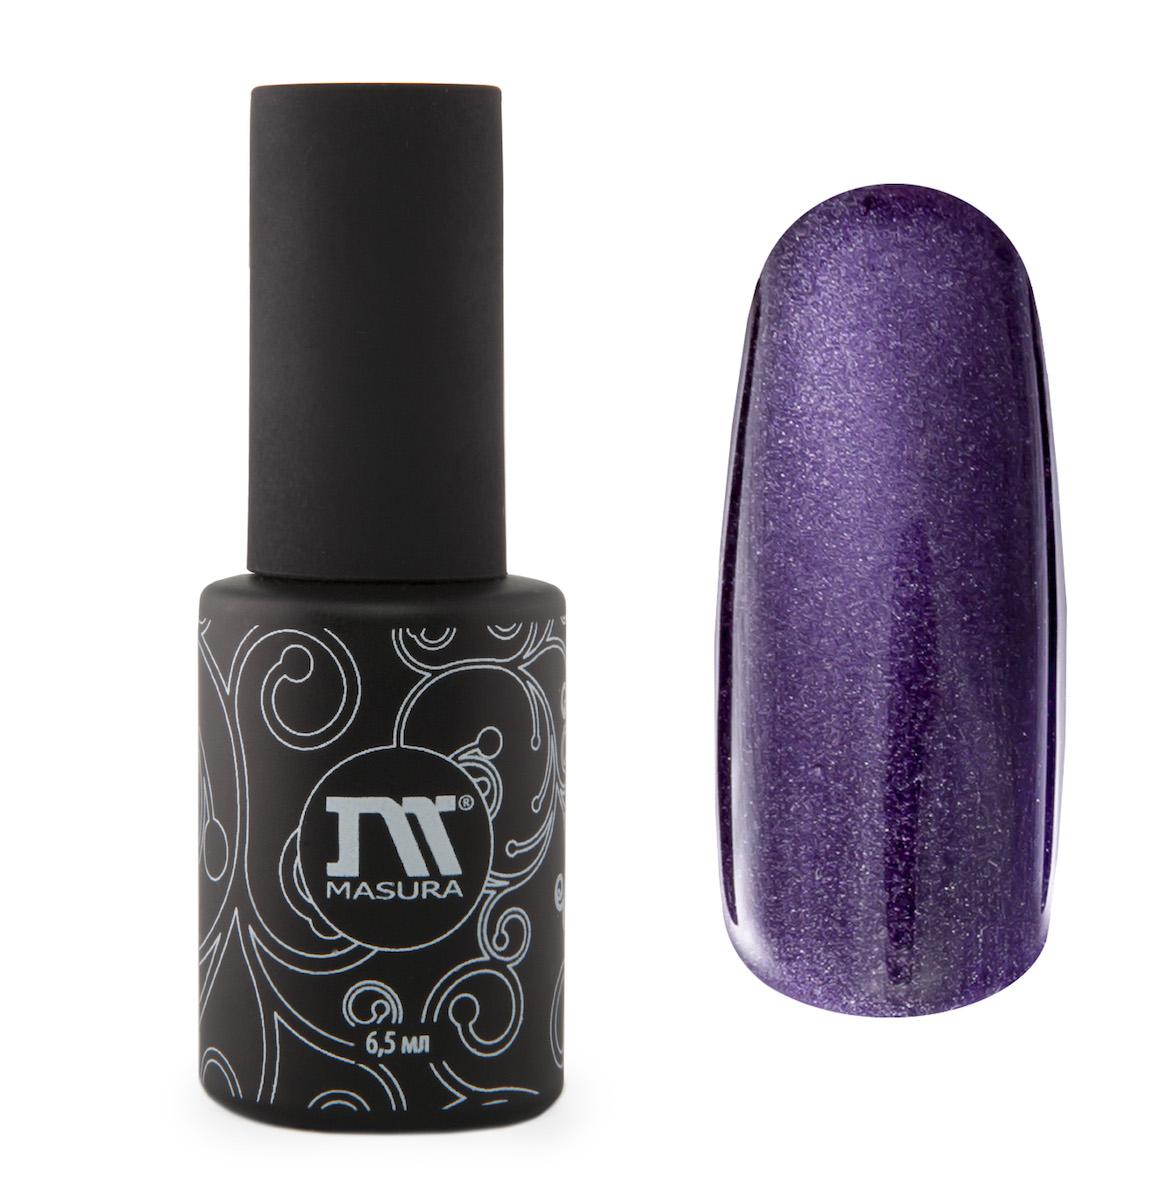 Masura Гель-лак Аметисты Ришелье, 6,5 мл295-08темно-фиолетовый, с зеркальным переливом, плотный